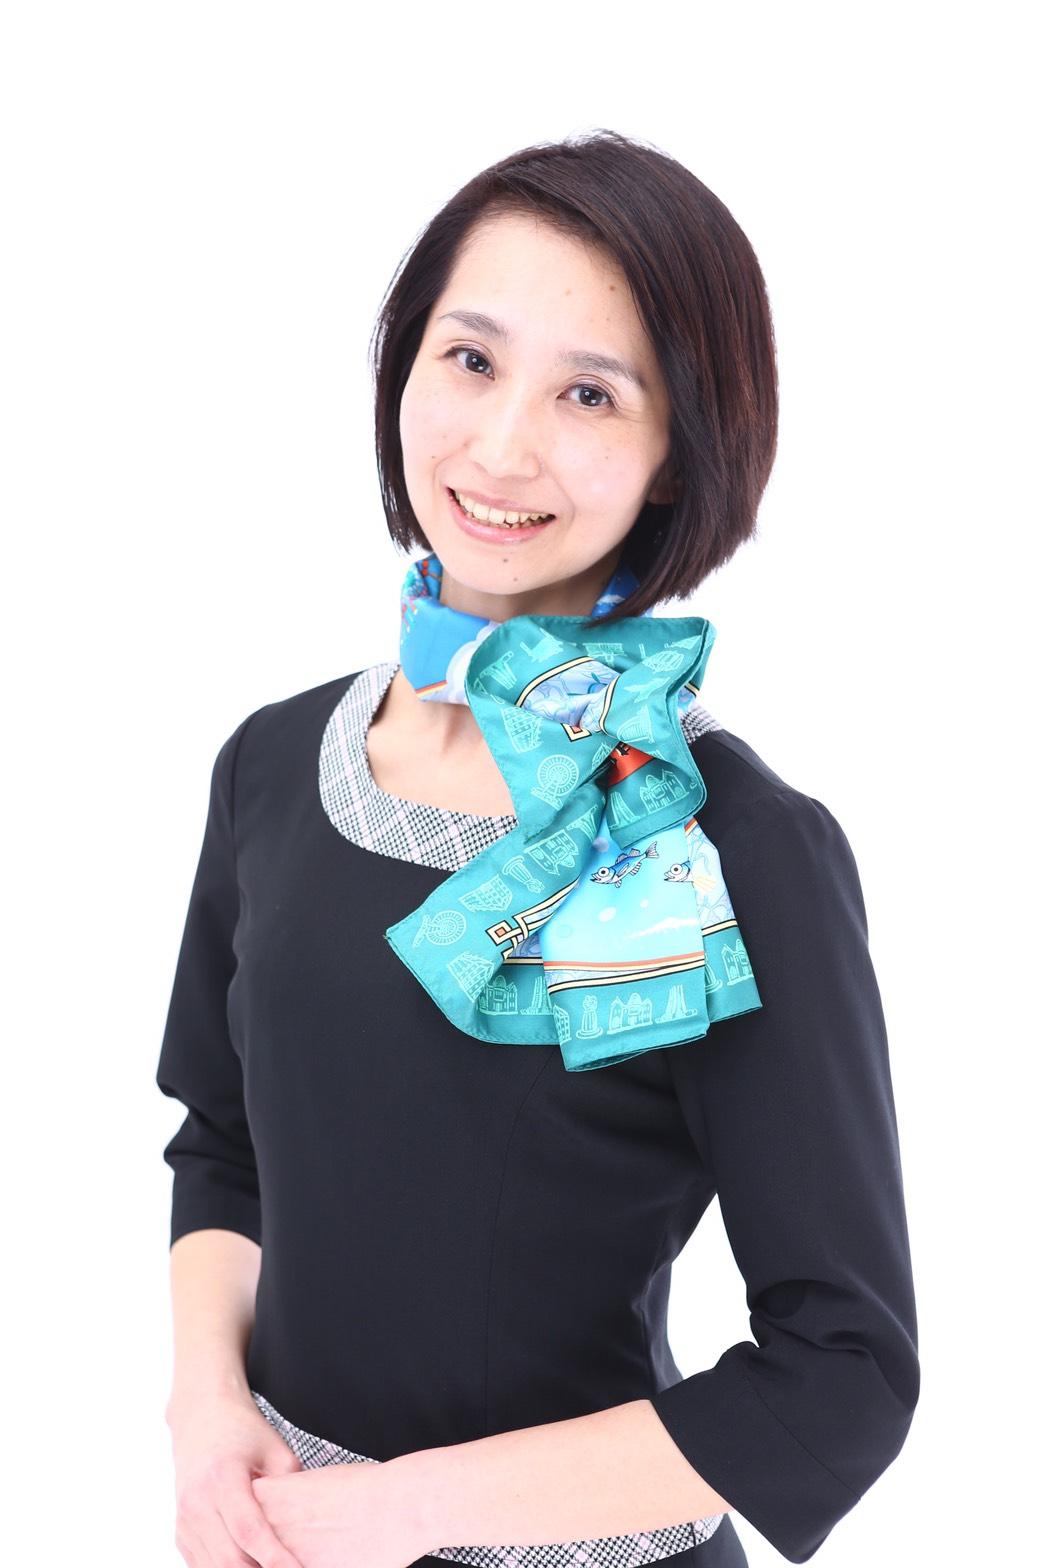 秋間香織(Akima Kaori)